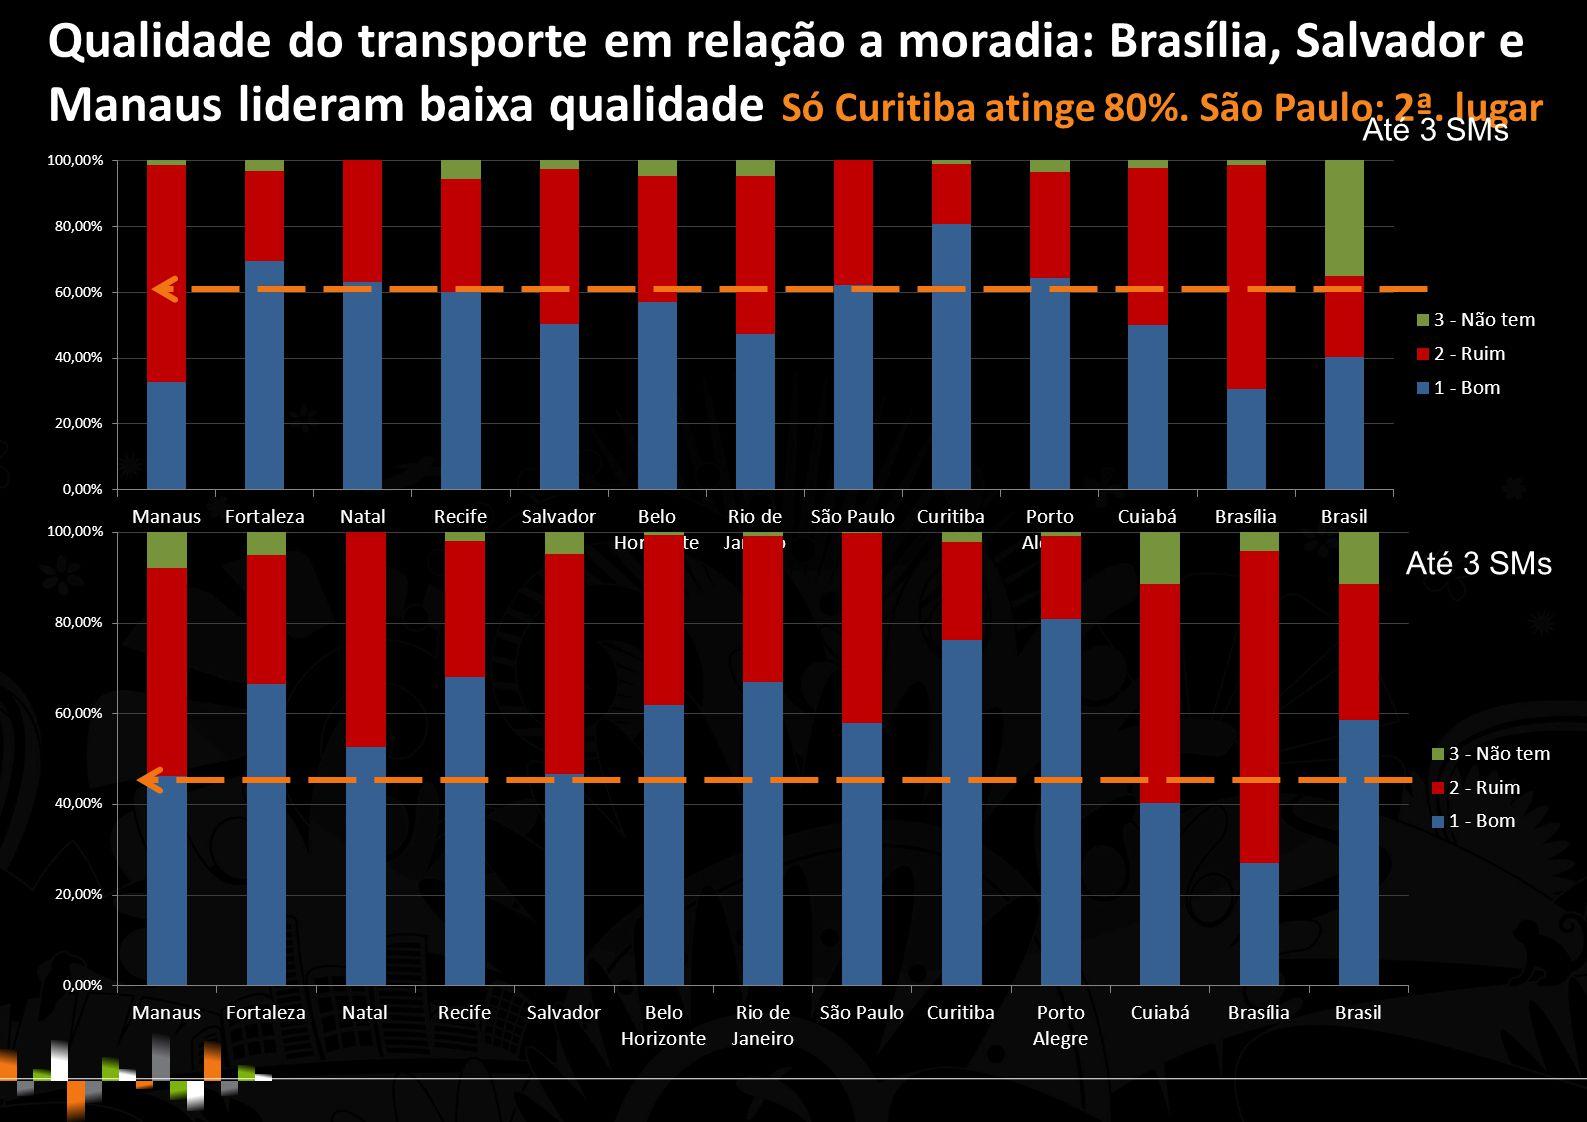 Qualidade do transporte em relação a moradia: Brasília, Salvador e Manaus lideram baixa qualidade Só Curitiba atinge 80%.